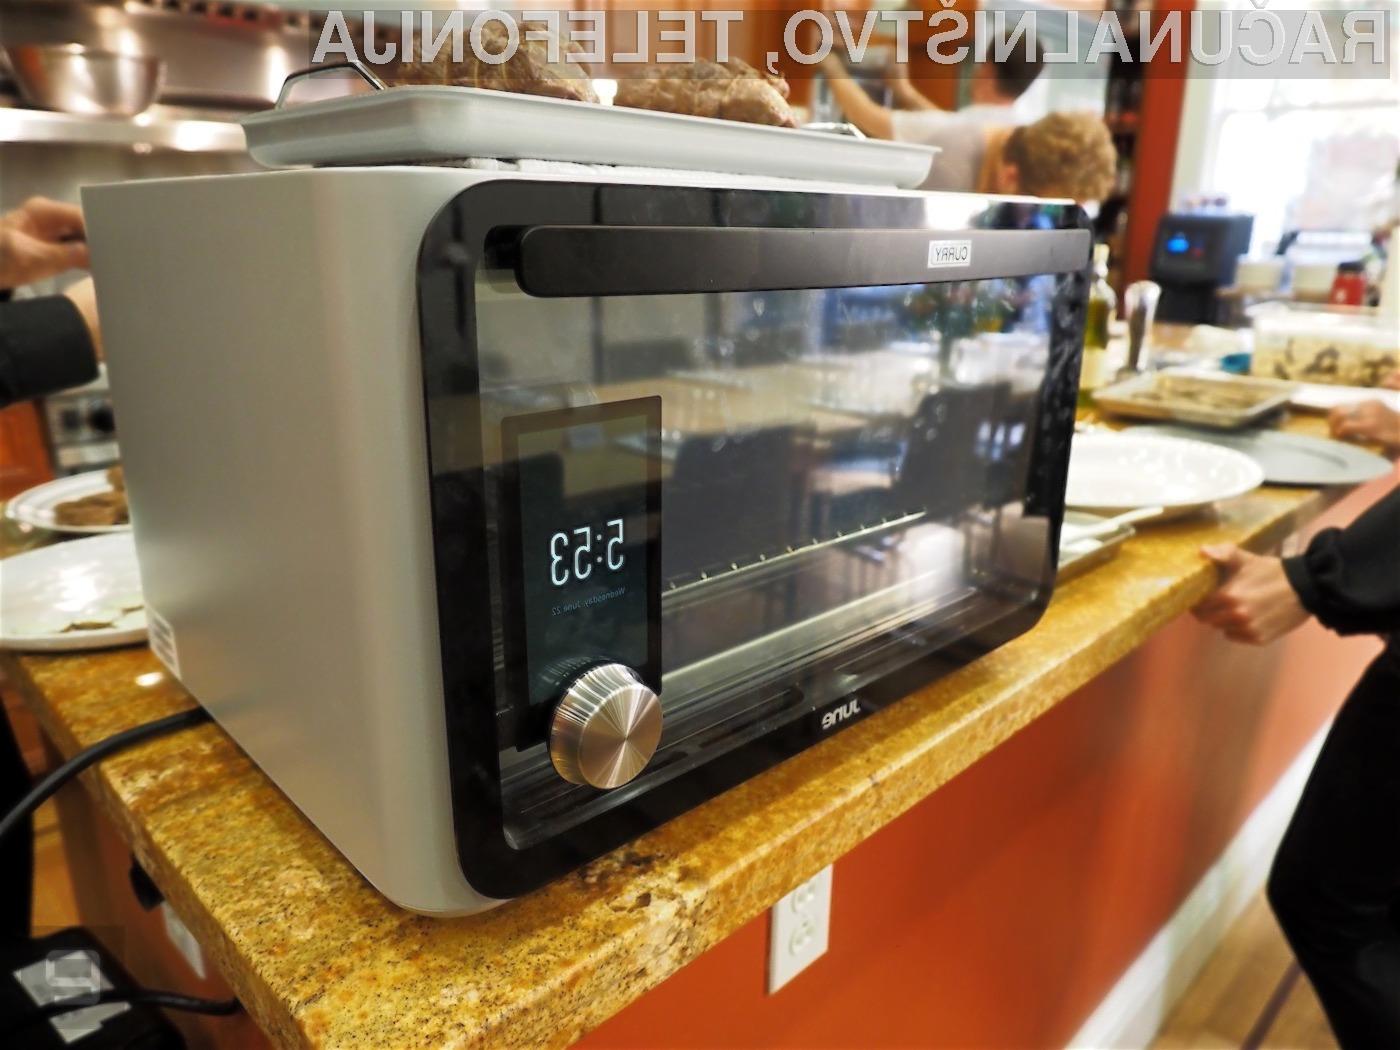 Glavna prednost novodobne pečice June Intelligent Oven je v njeni enostavnosti uporabe.